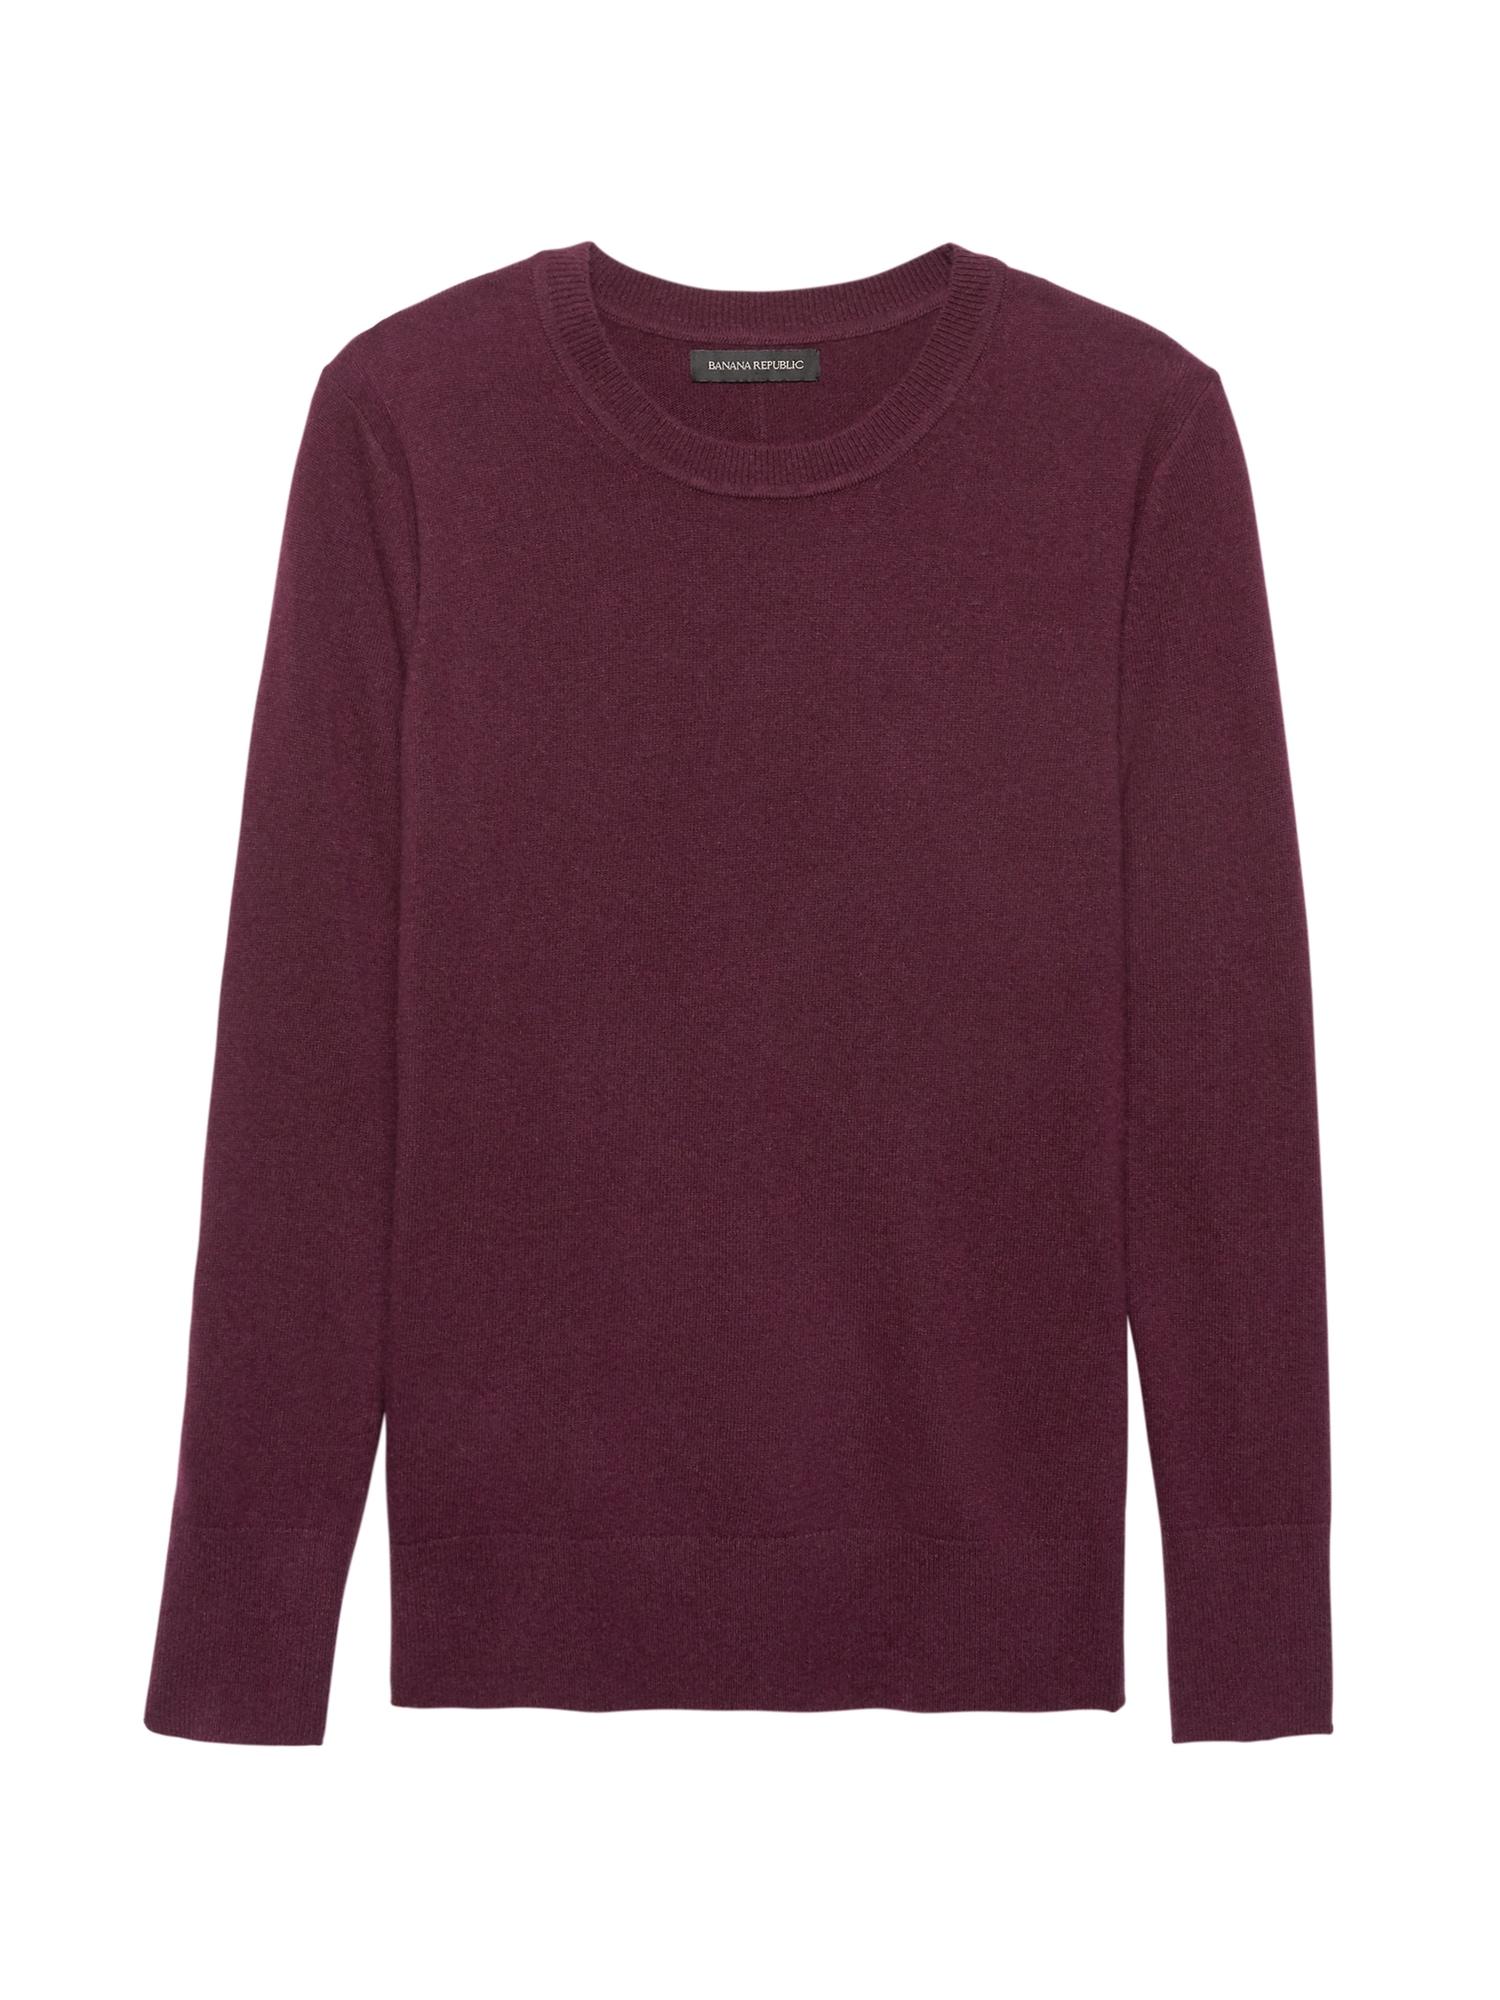 e92904f117a93 Italian Merino-Blend Crew-Neck Sweater